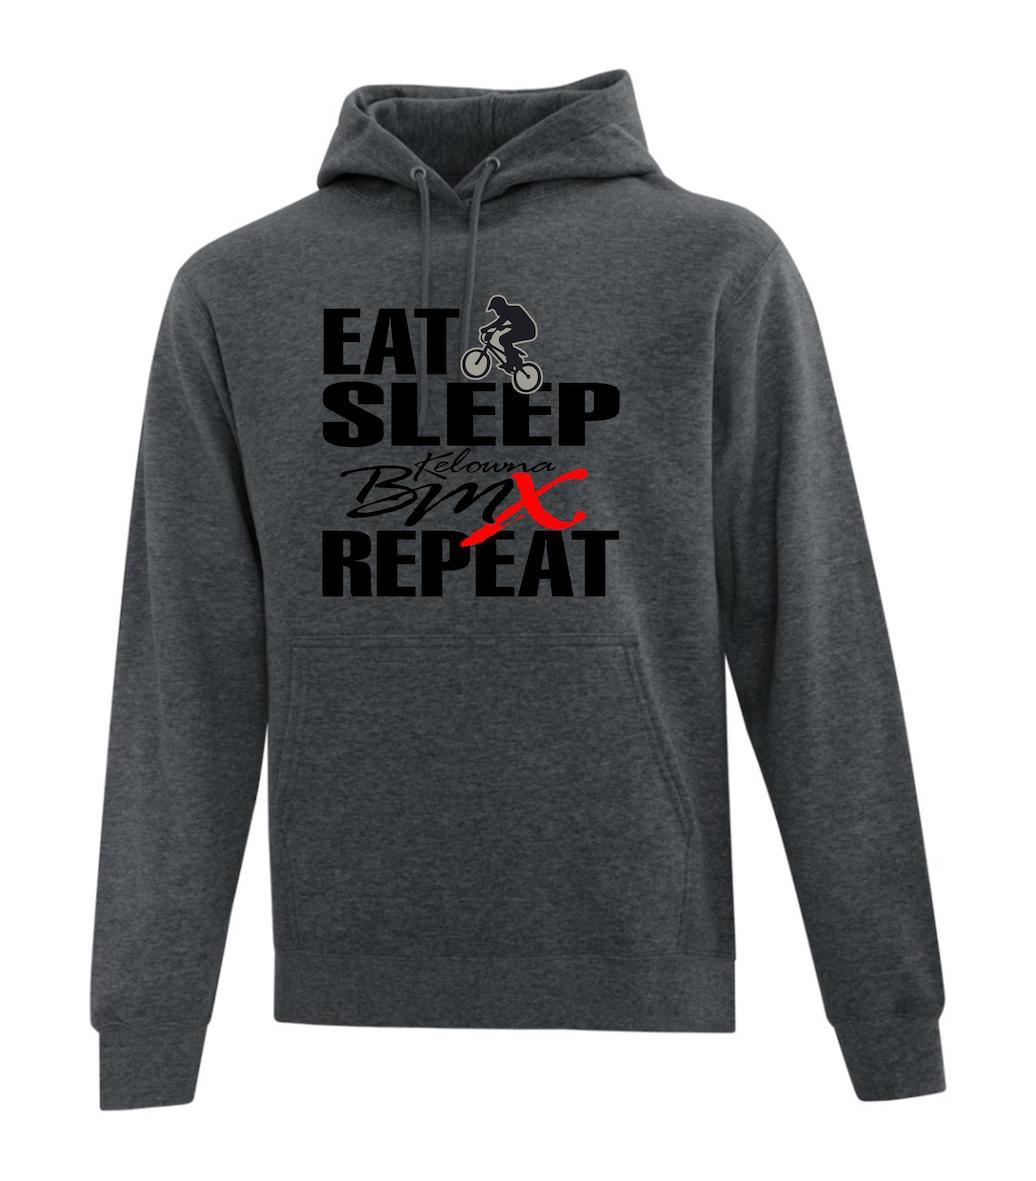 Kelowna BMX Eat Sleep Repeat Hoody